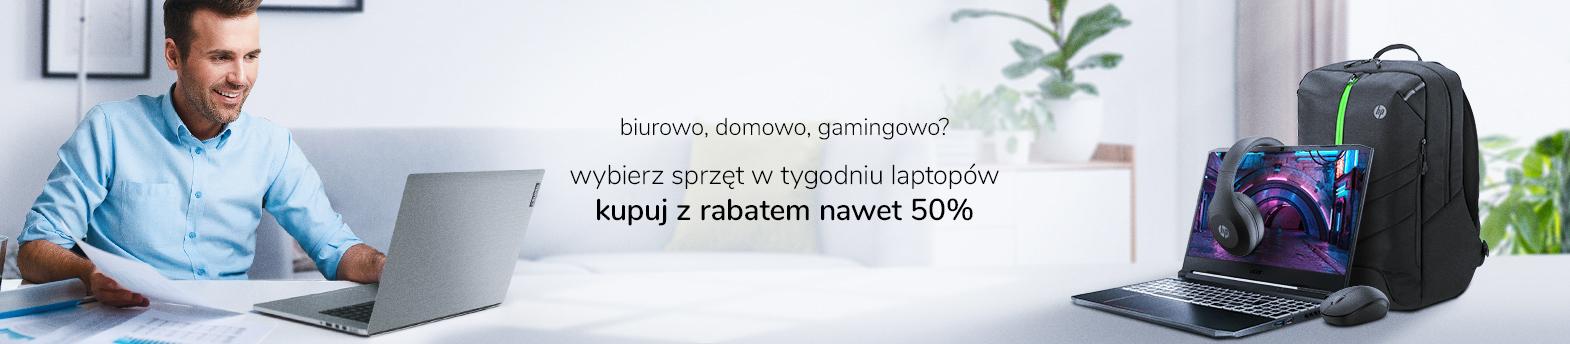 oszczędź nawet 50%